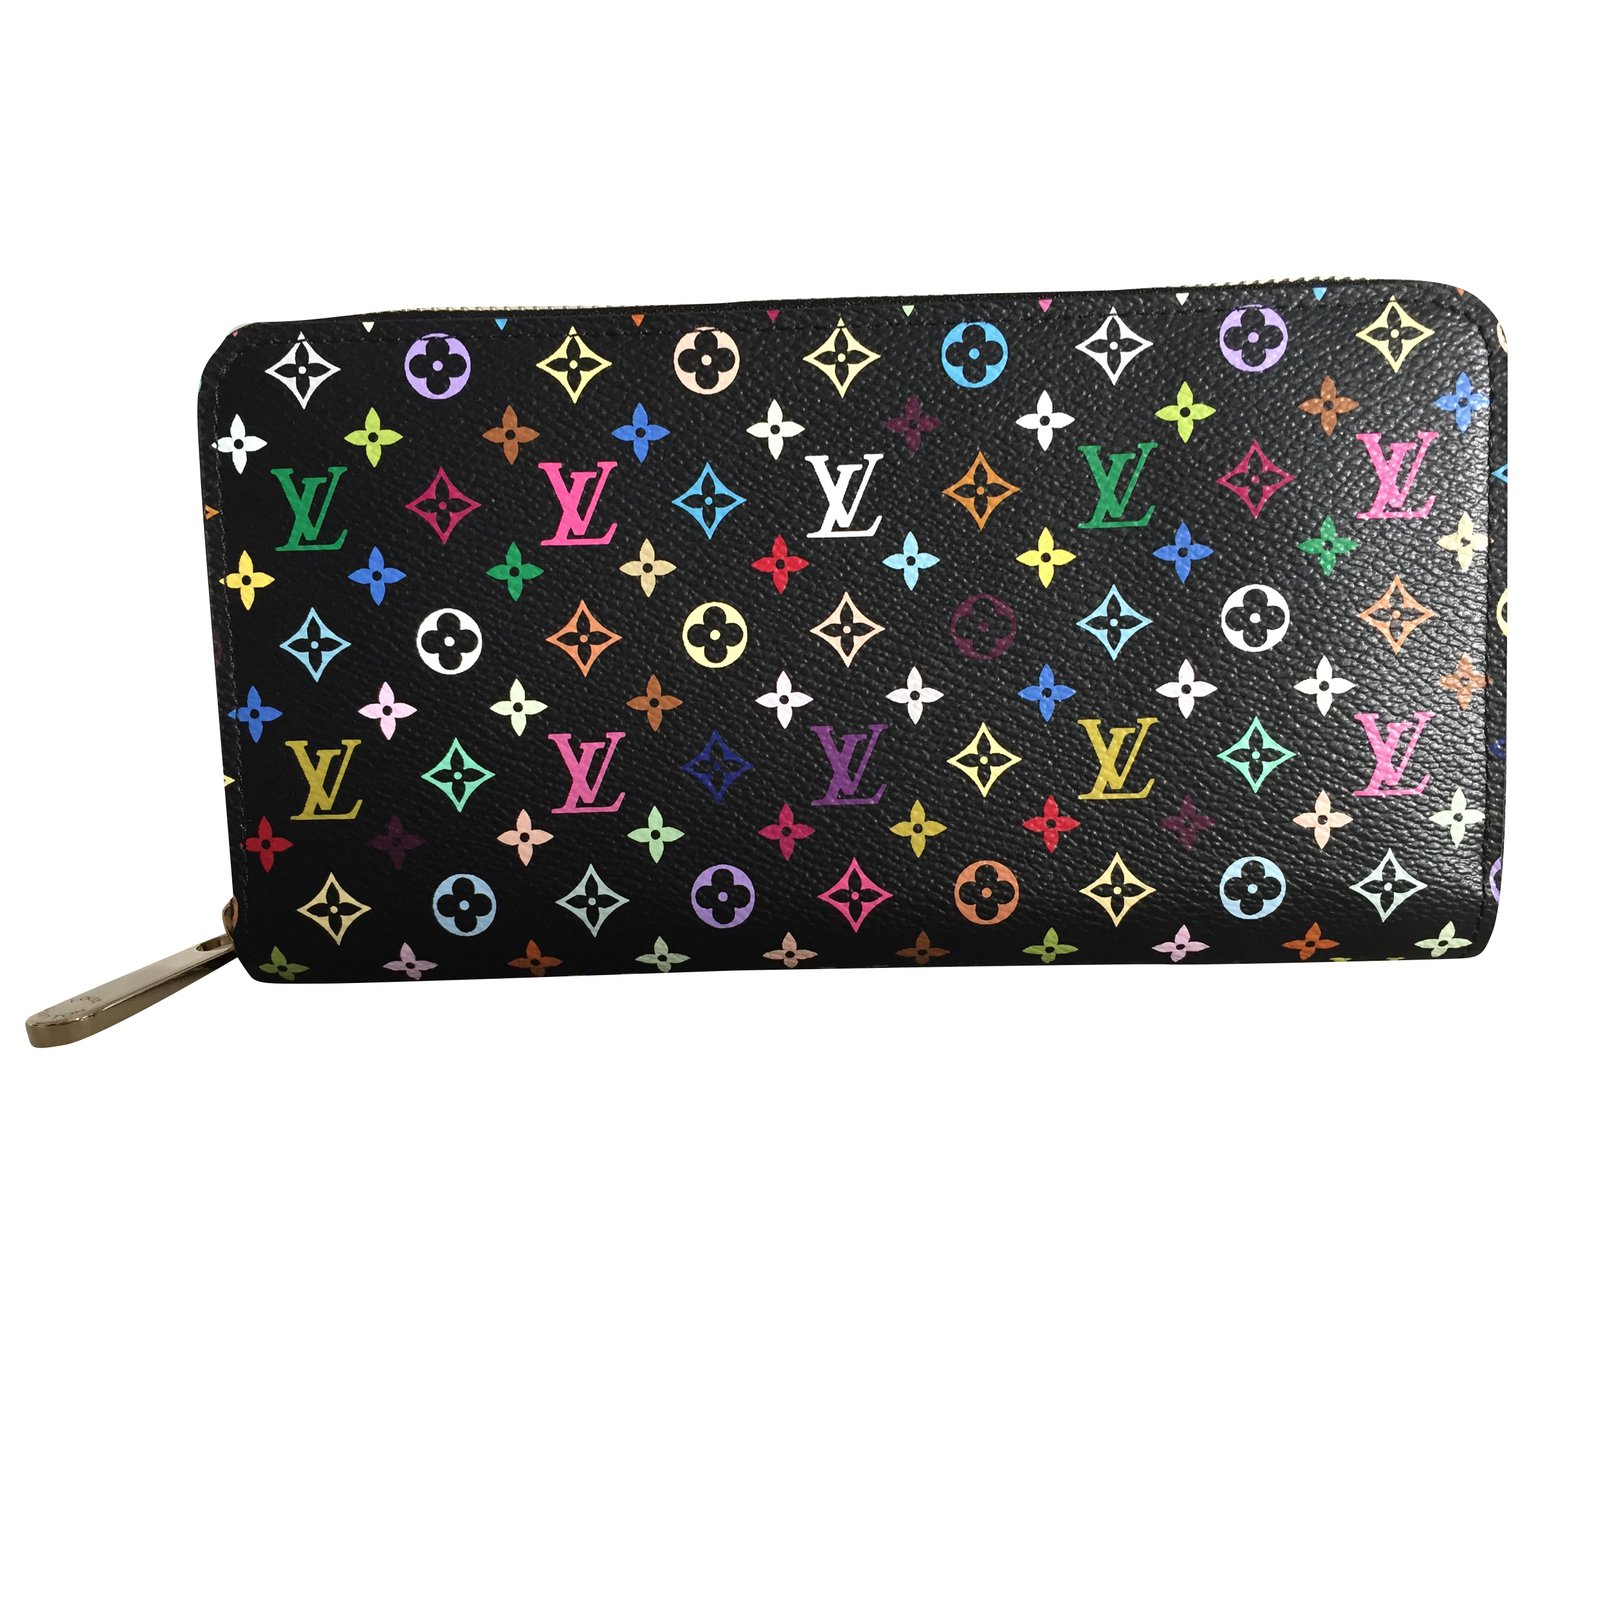 3ba84f4a3ff9 Portefeuilles Louis Vuitton Portefeuille Zippy multicolore Cuir Noir  ref.92649